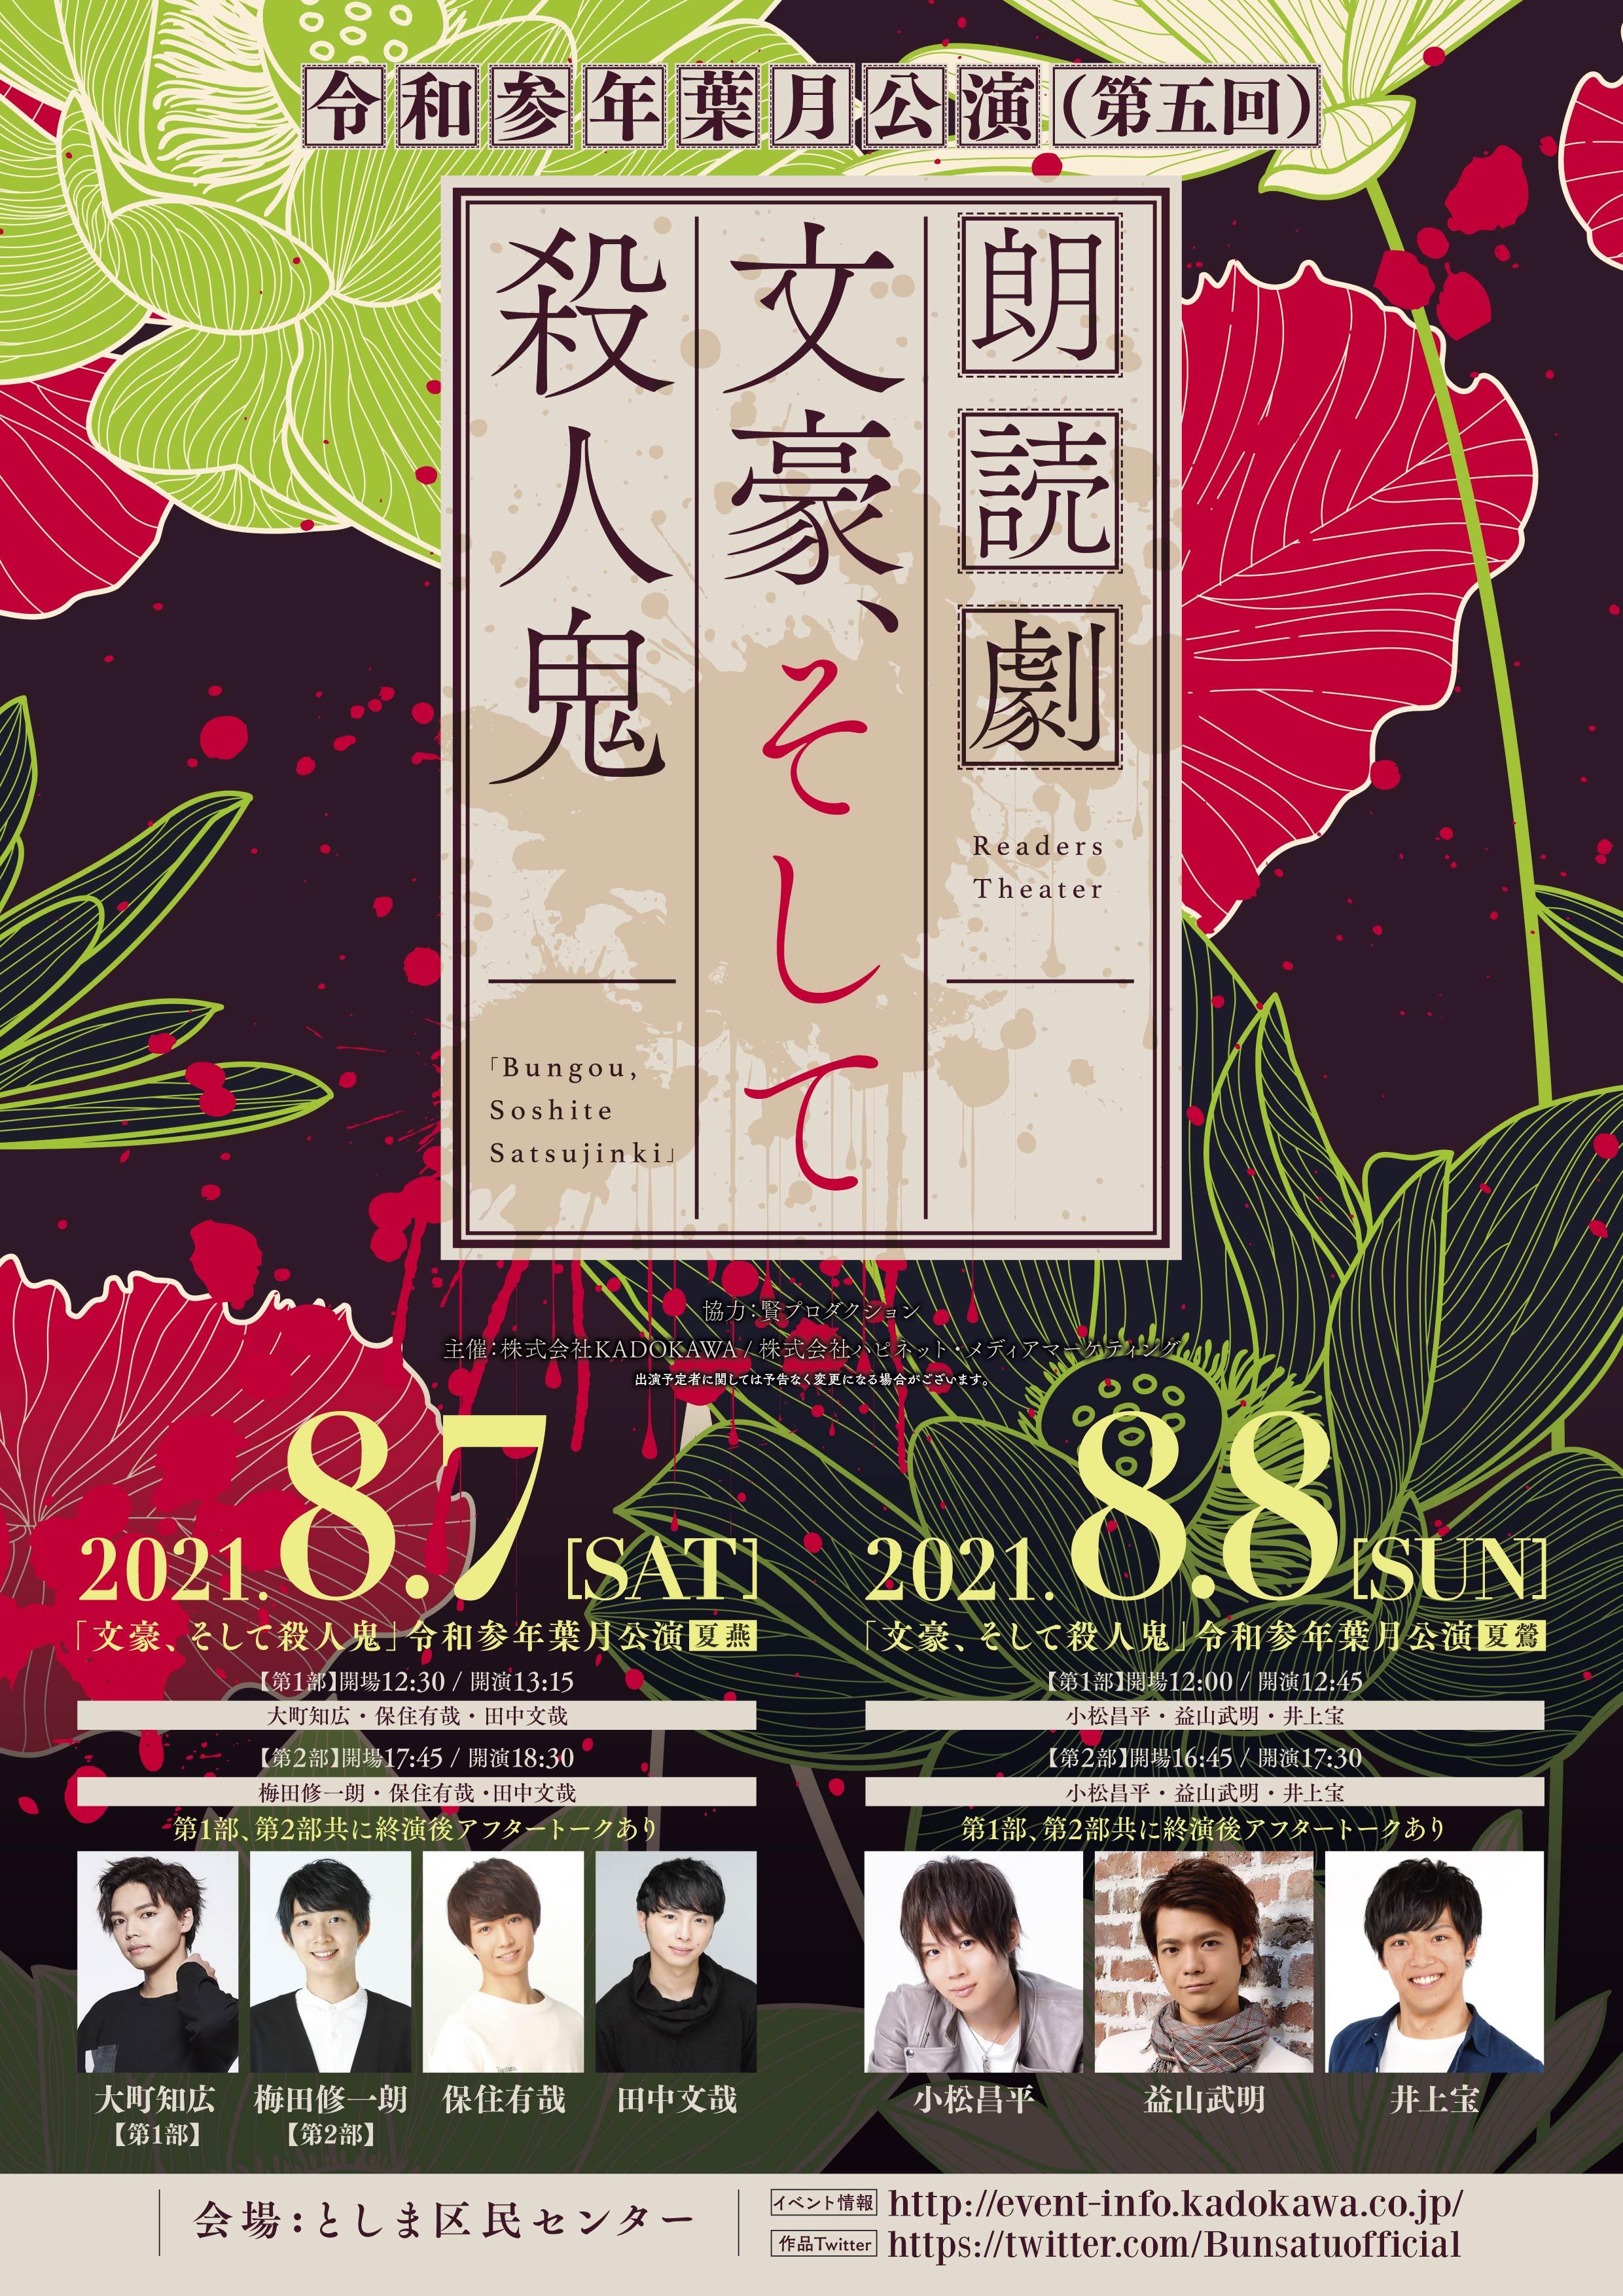 【8月8日(日)第二部】「文豪、そして殺人鬼」令和参年葉月公演<夏鶯>